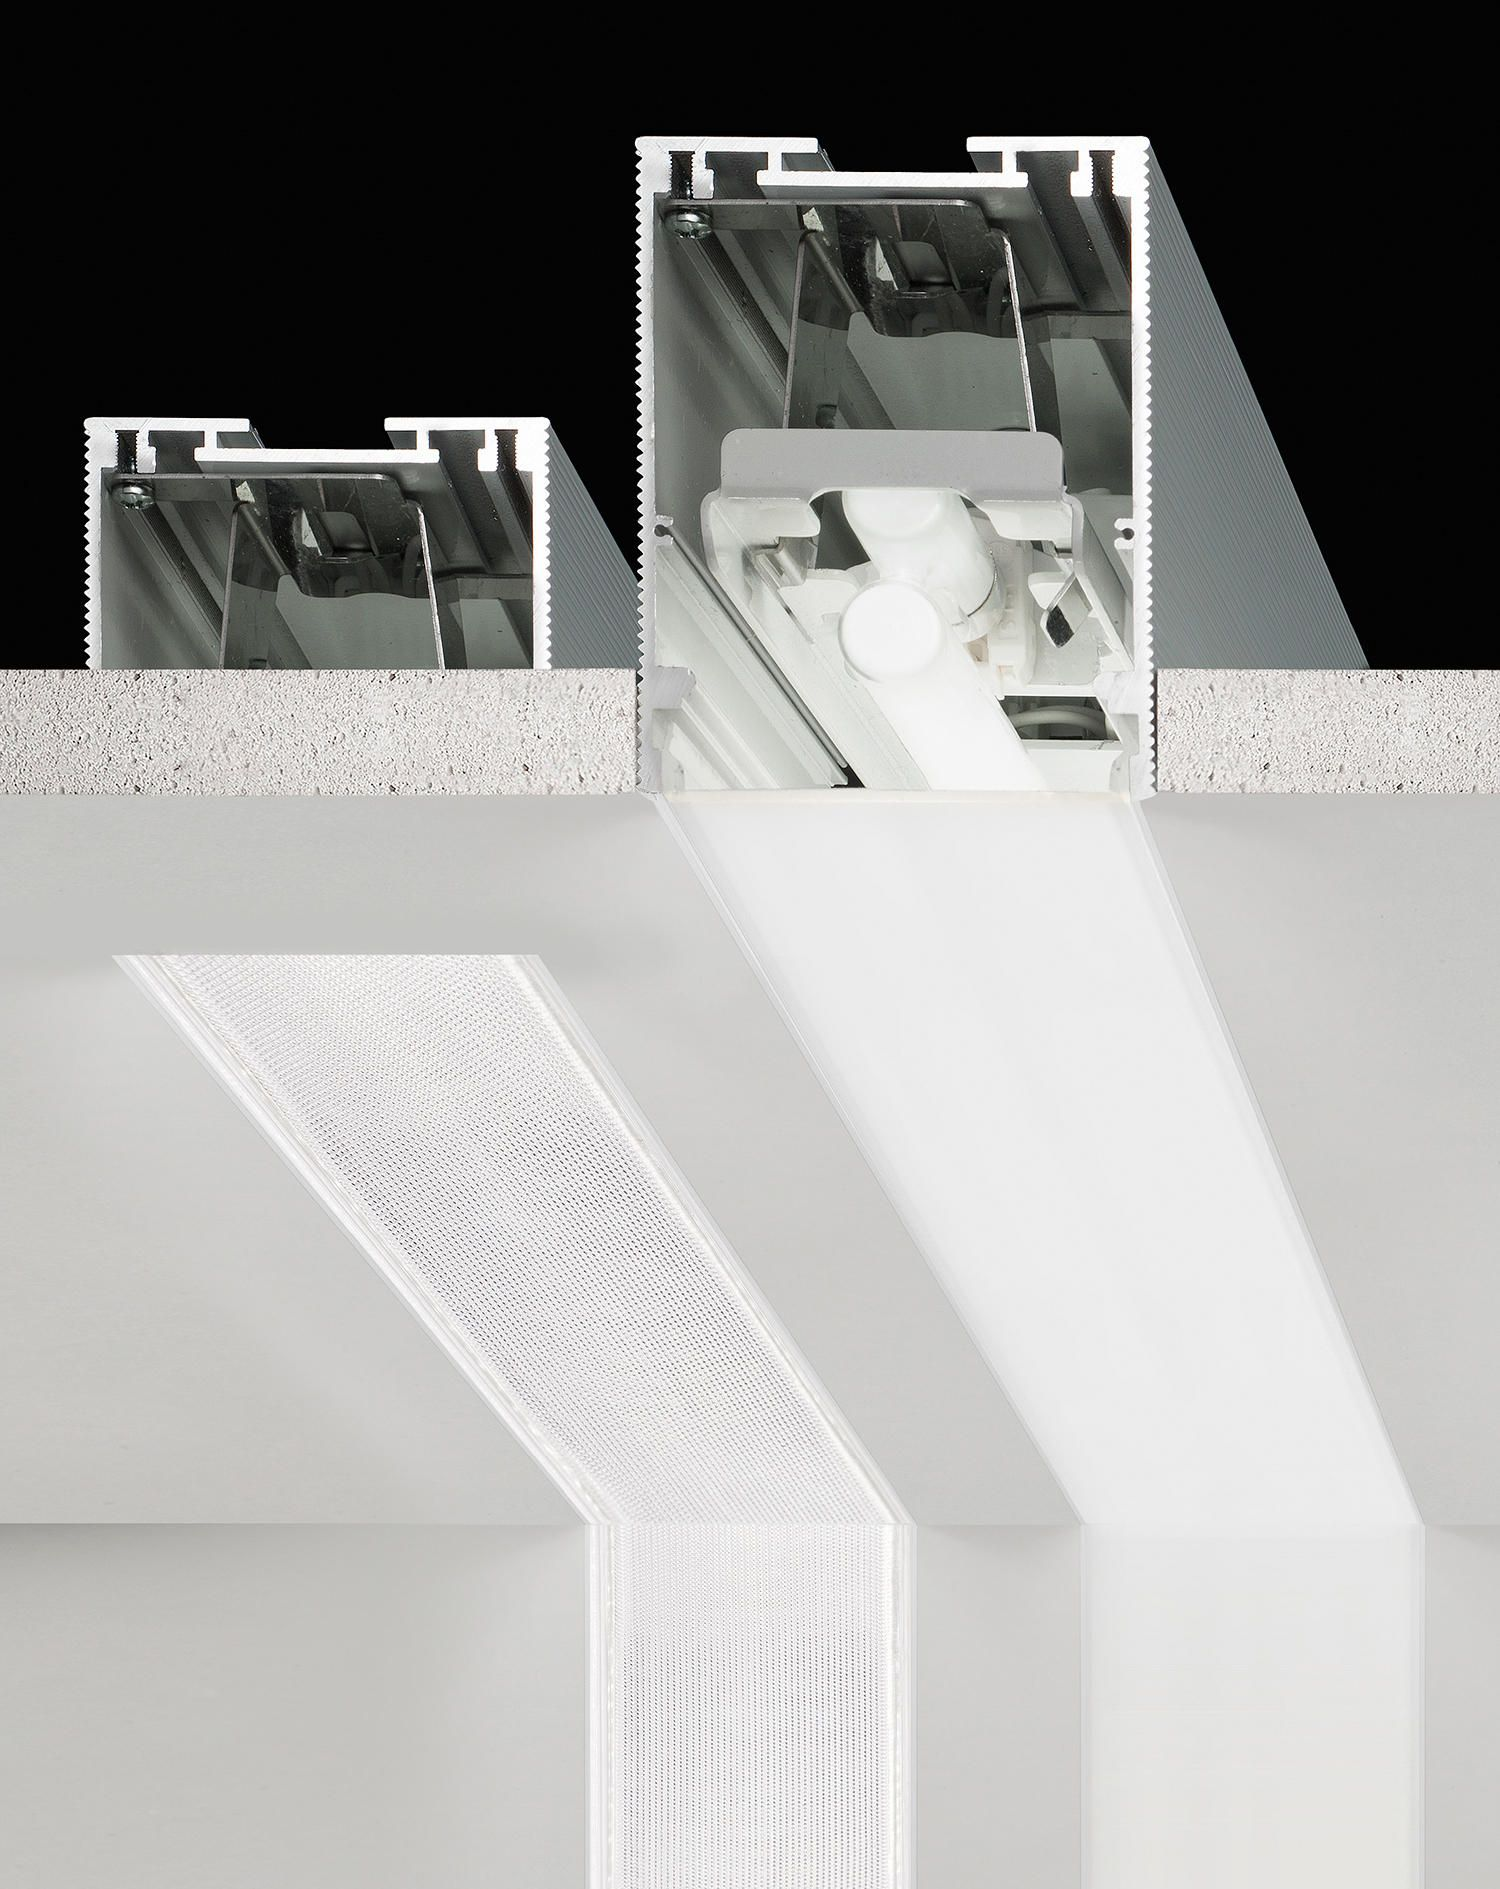 Nolita Fluo Xg2040 Von Panzeri Allgemeinbeleuchtung Lineare Beleuchtung Einbauleuchten Streifenbeleuchtung